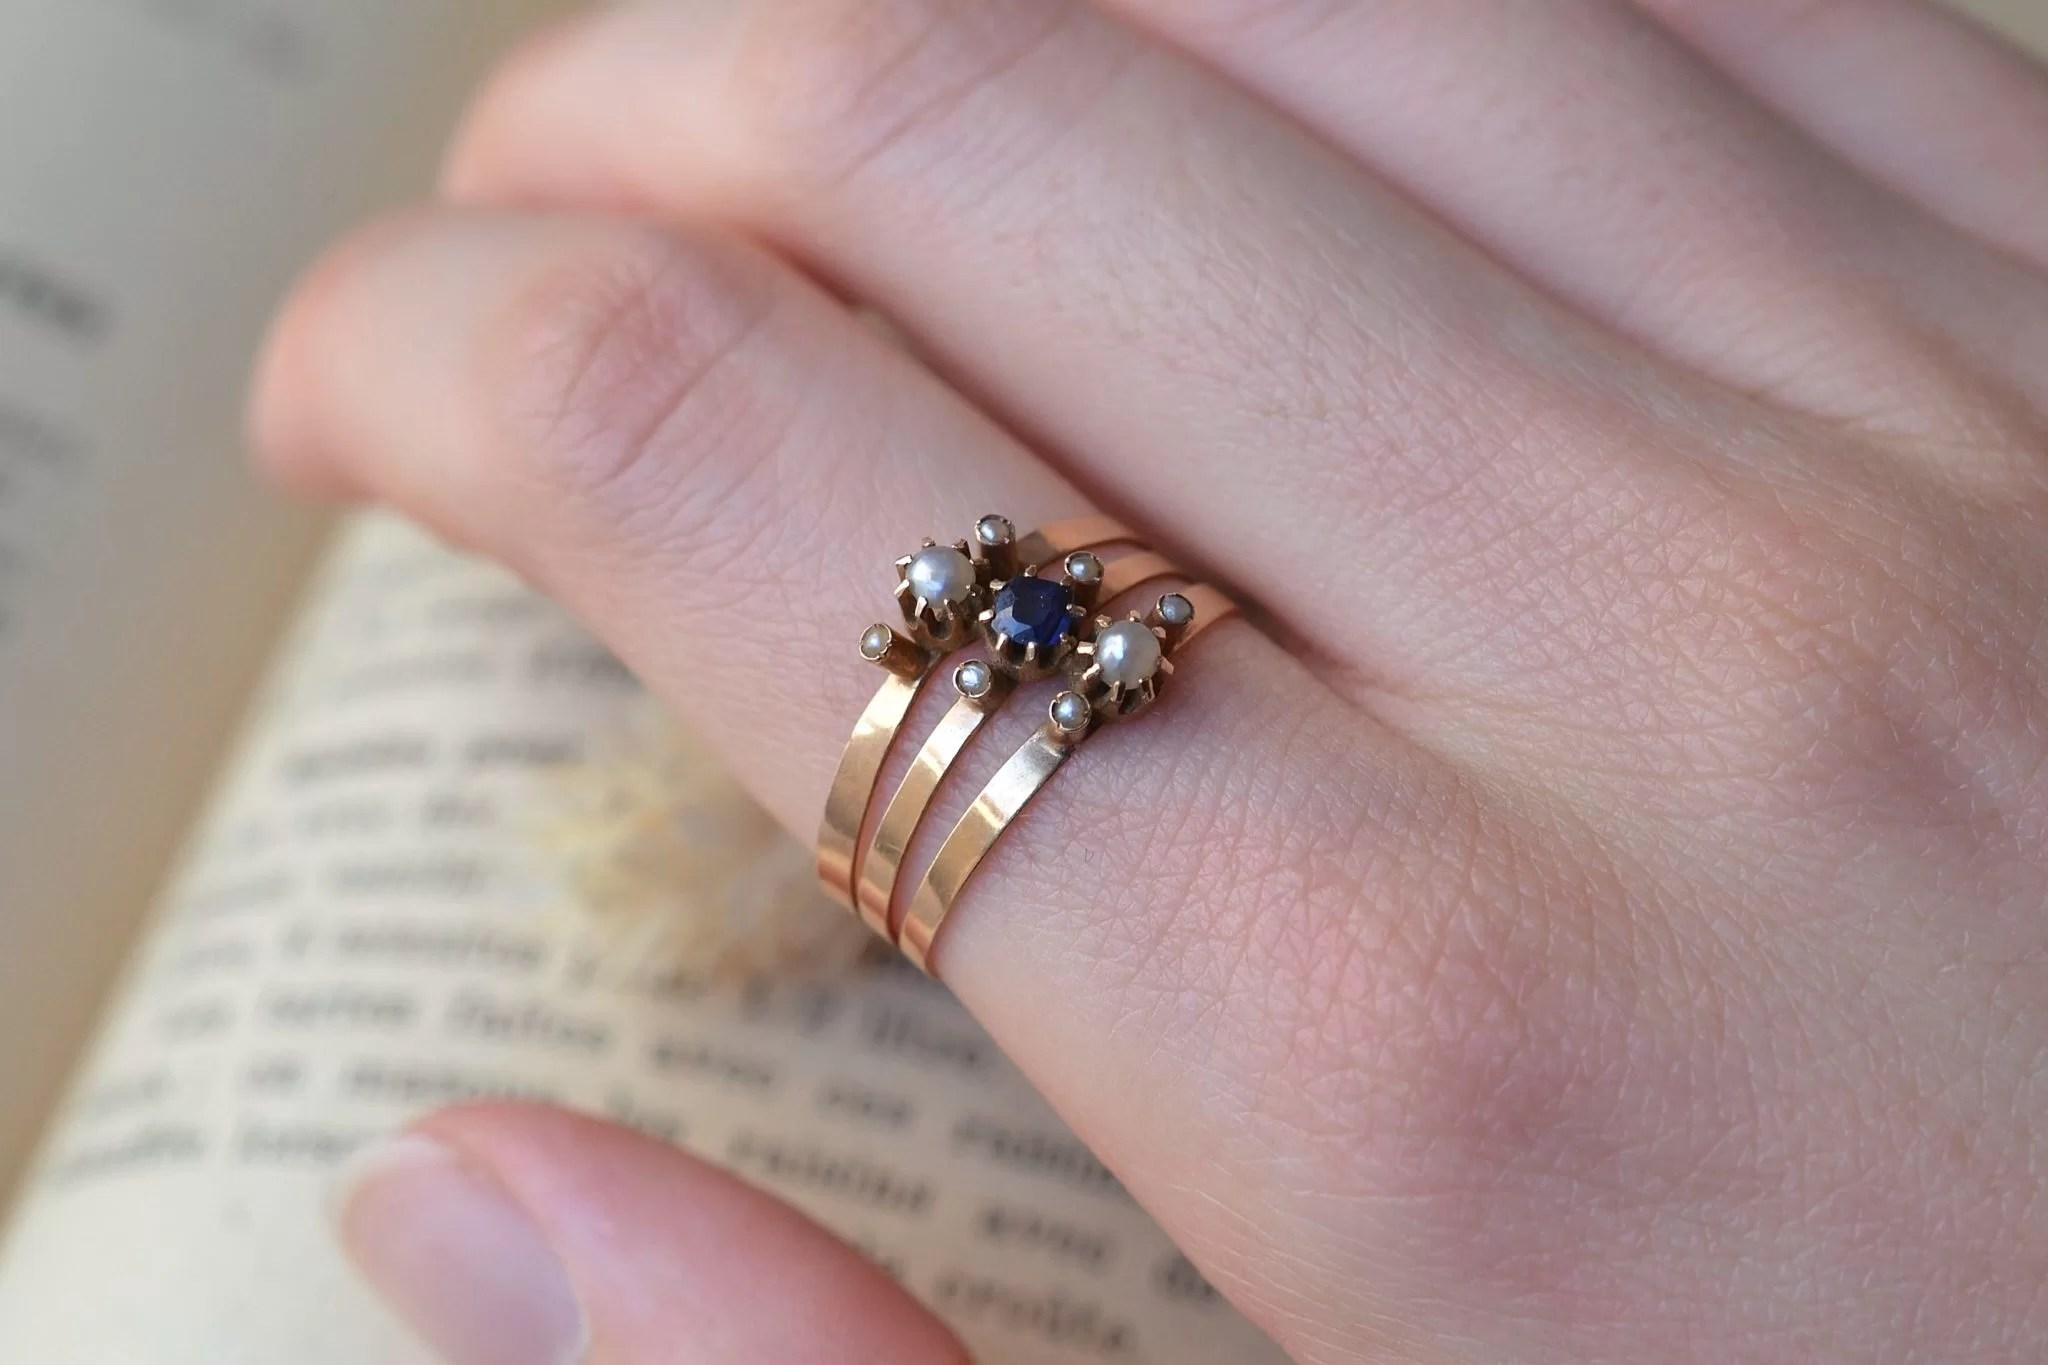 Bague en Or jaune sertie de perles et d_une pierre bleue centrale. Fin XIXe-début XXe - bague d_occasion